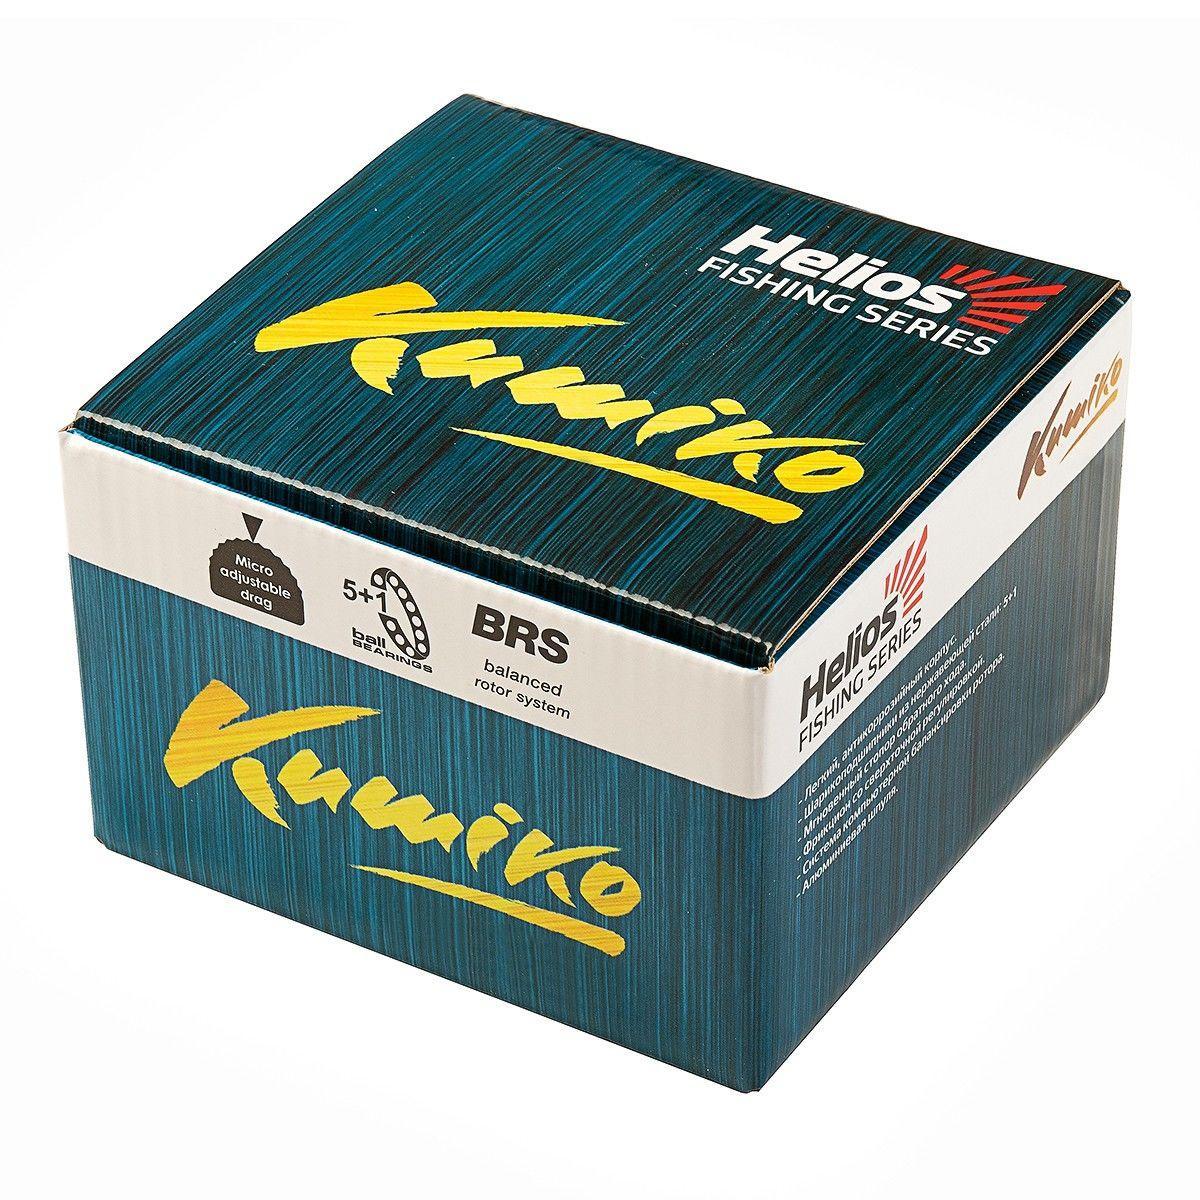 Катушка kumiko 4000f 5+1 подшип helios (hs-k4000f) tr-248811 - фото 2